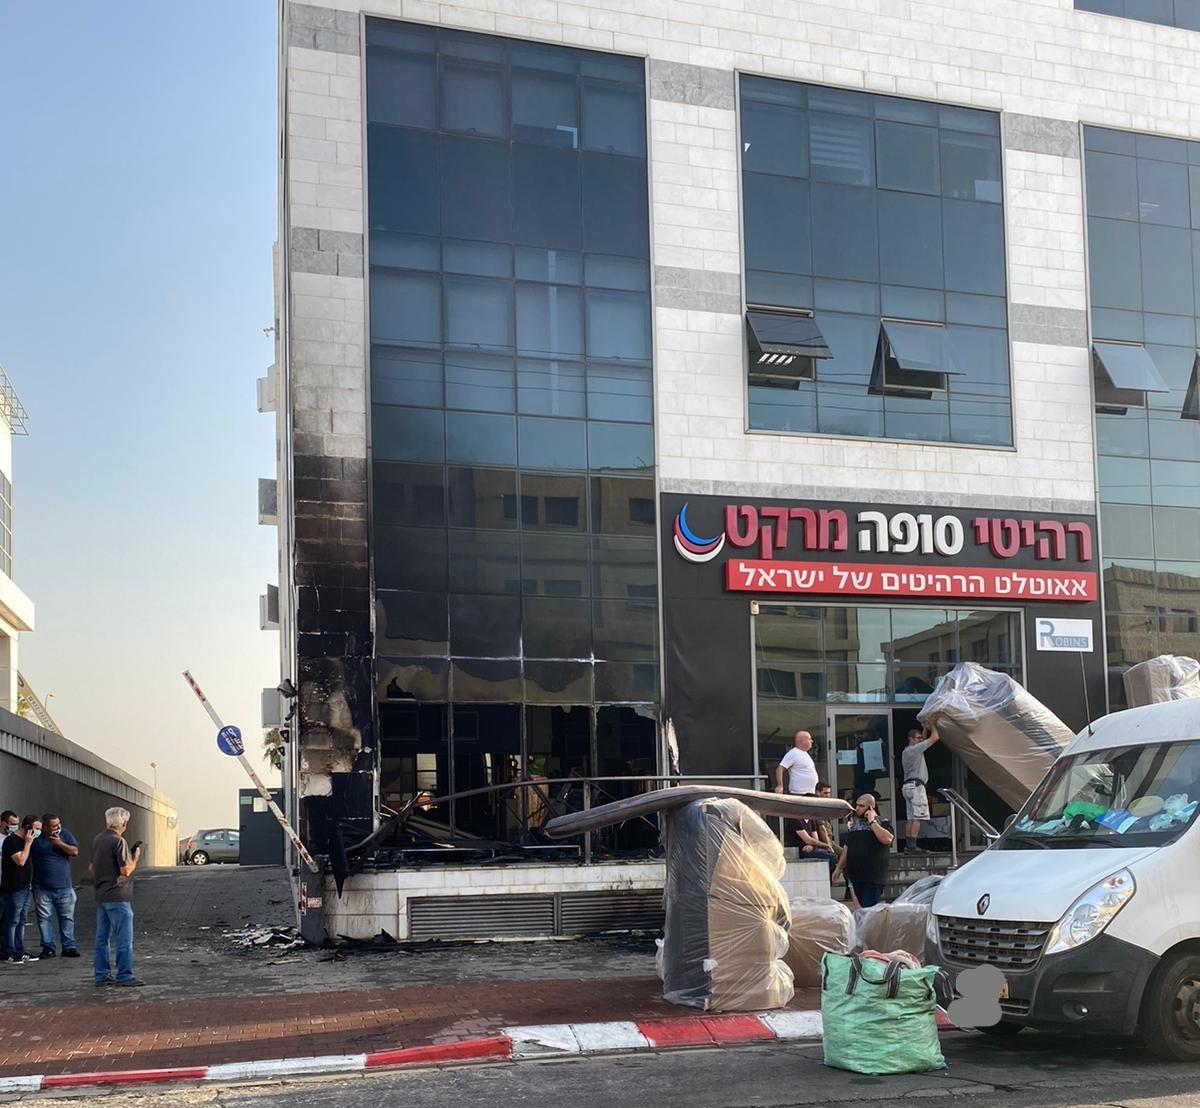 שריפה בחנות באור יהודה